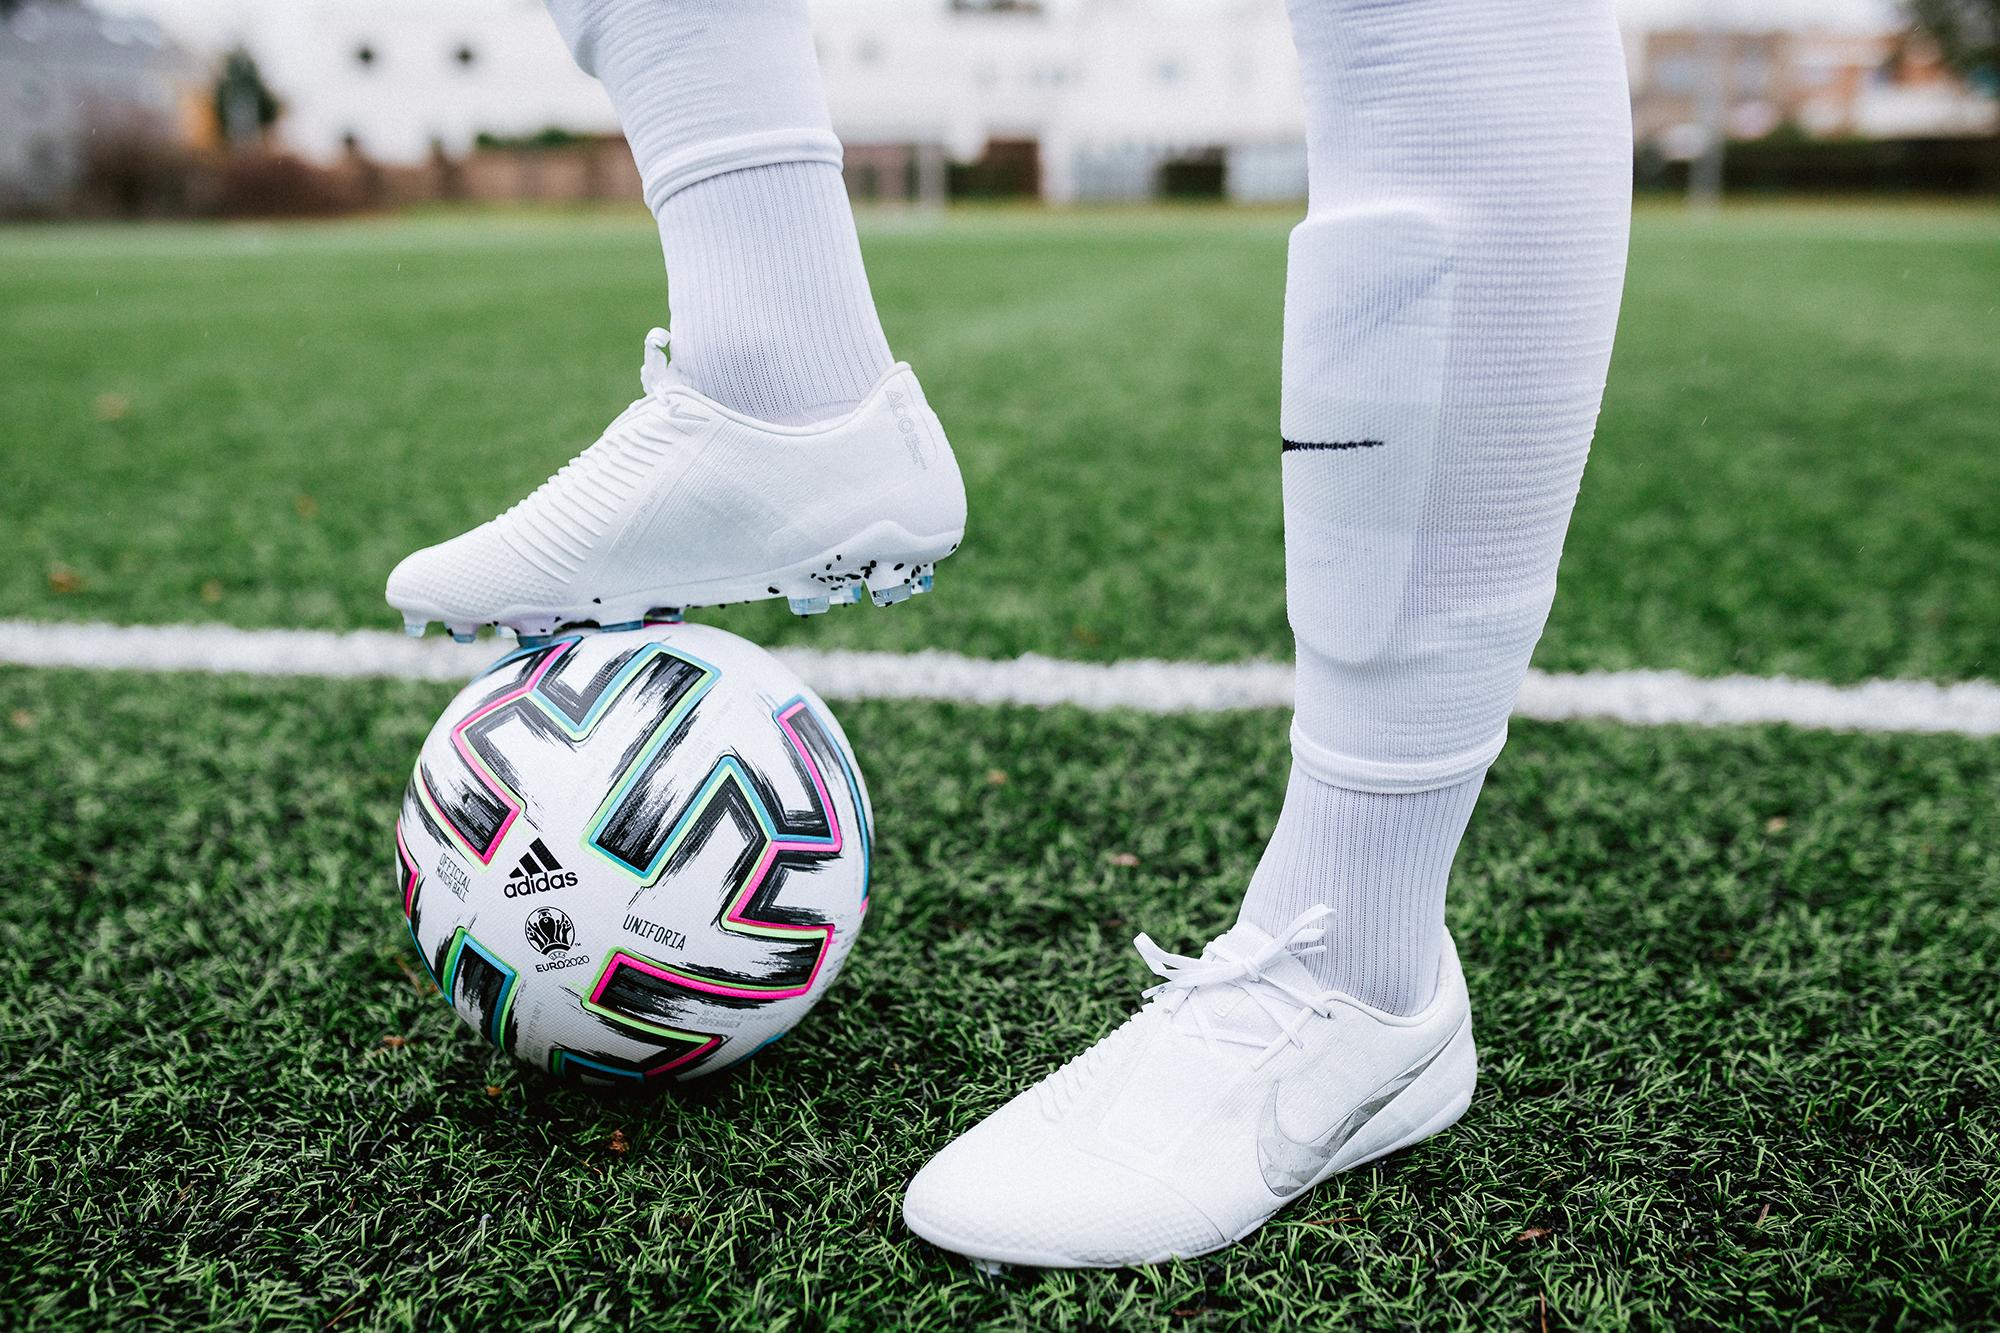 Vybav se na sezónu s novými míči